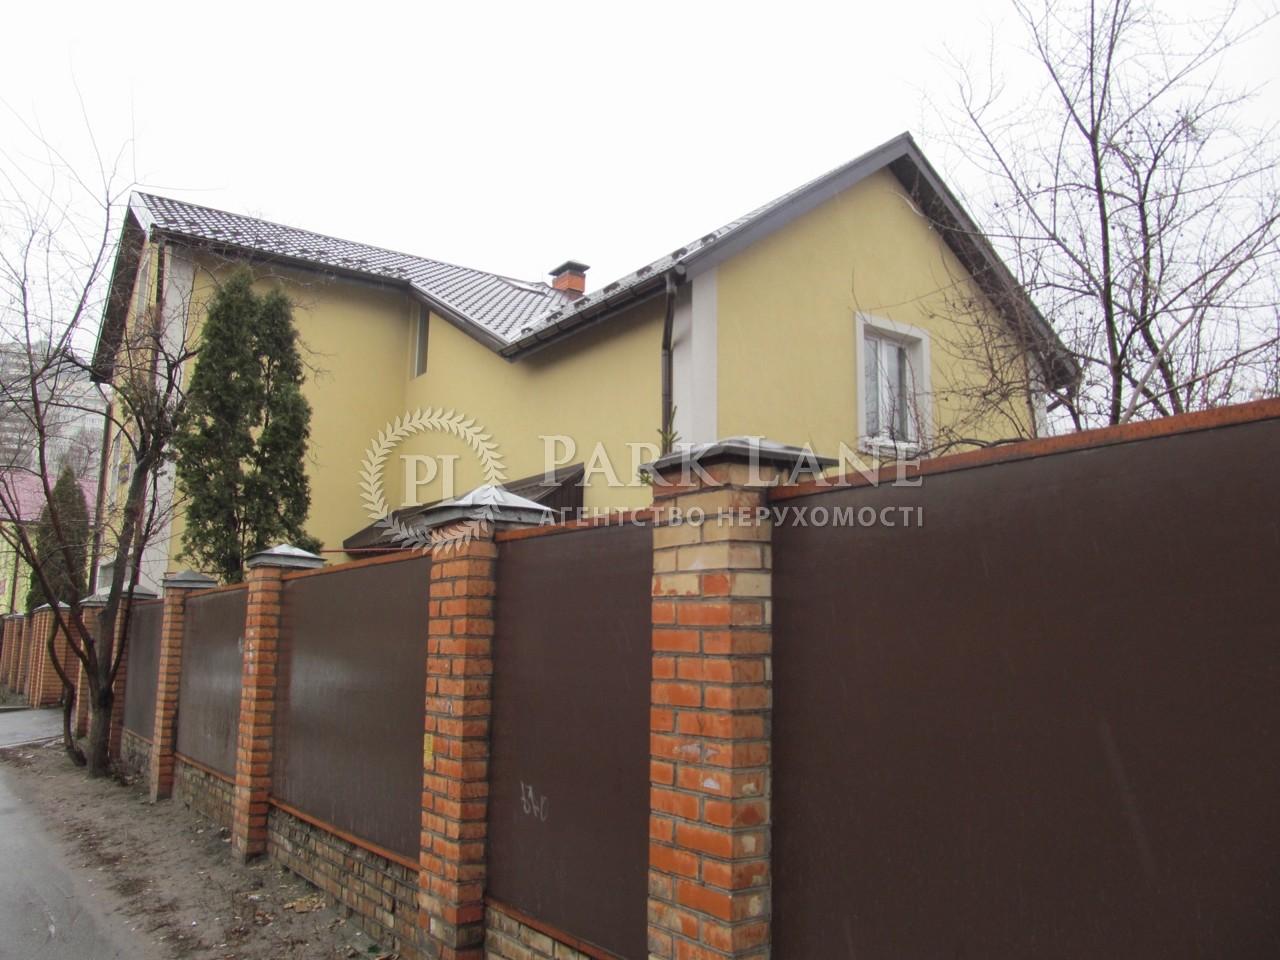 Дом R-16189, Двинская, Киев - Фото 2